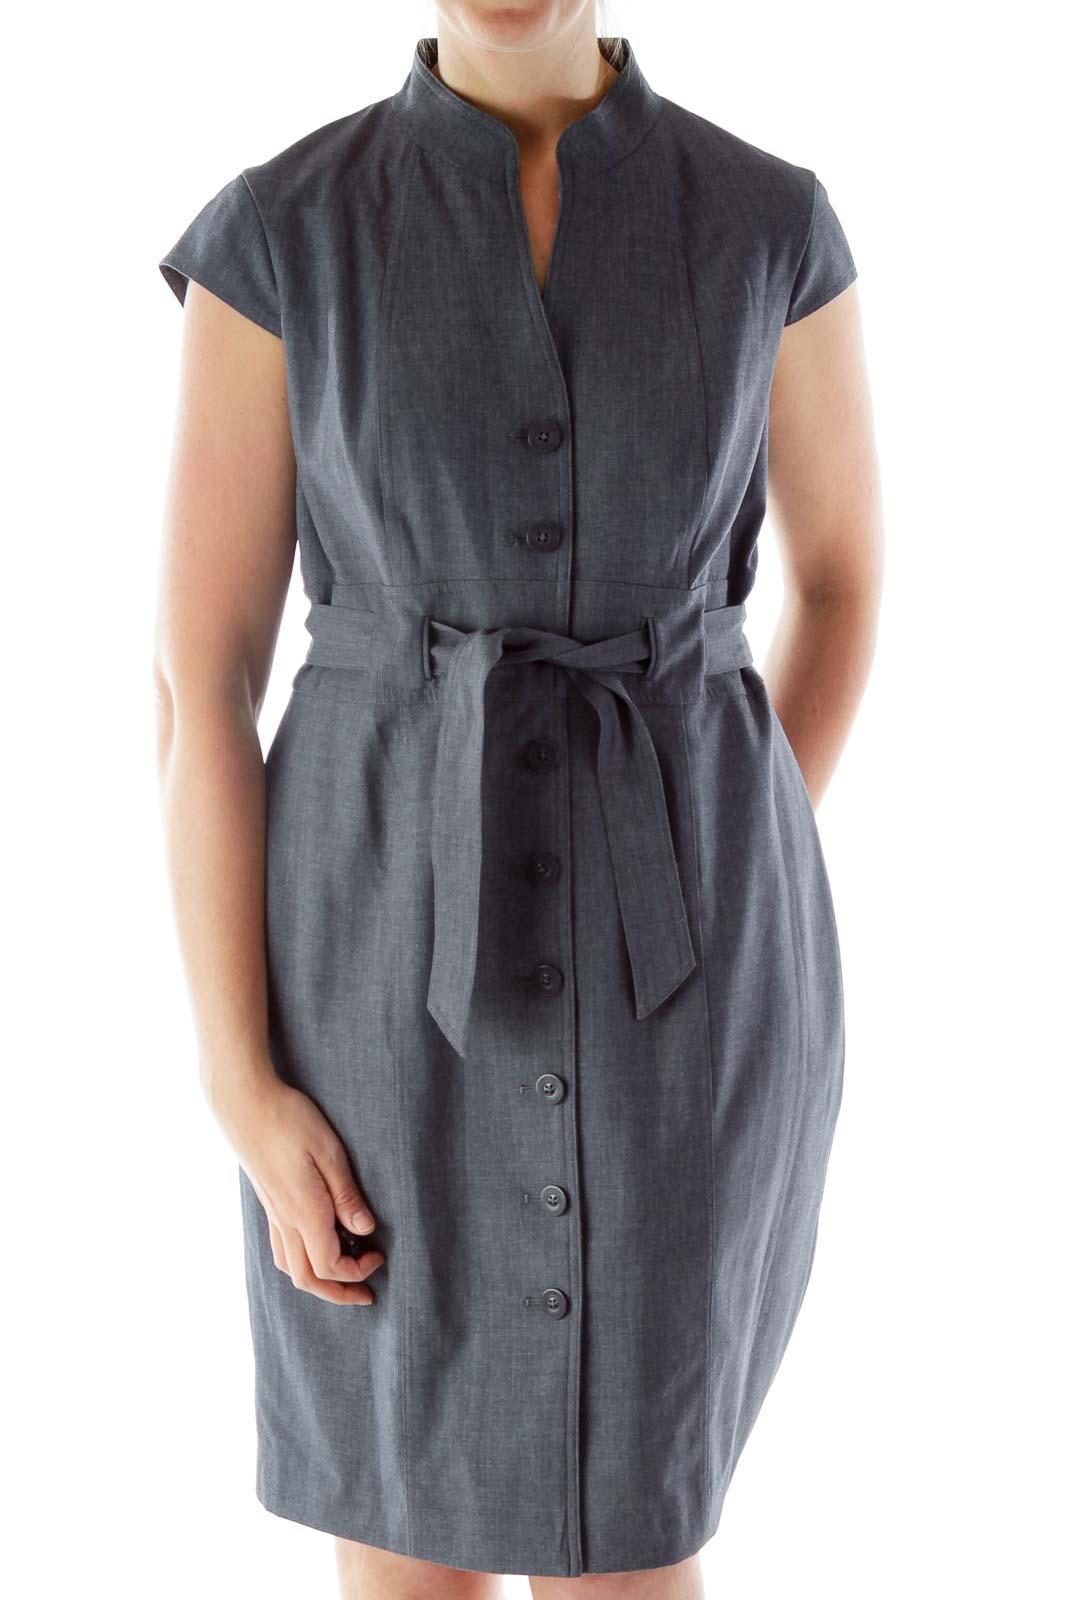 Gray Buttoned V-Neck Belted Work Dress